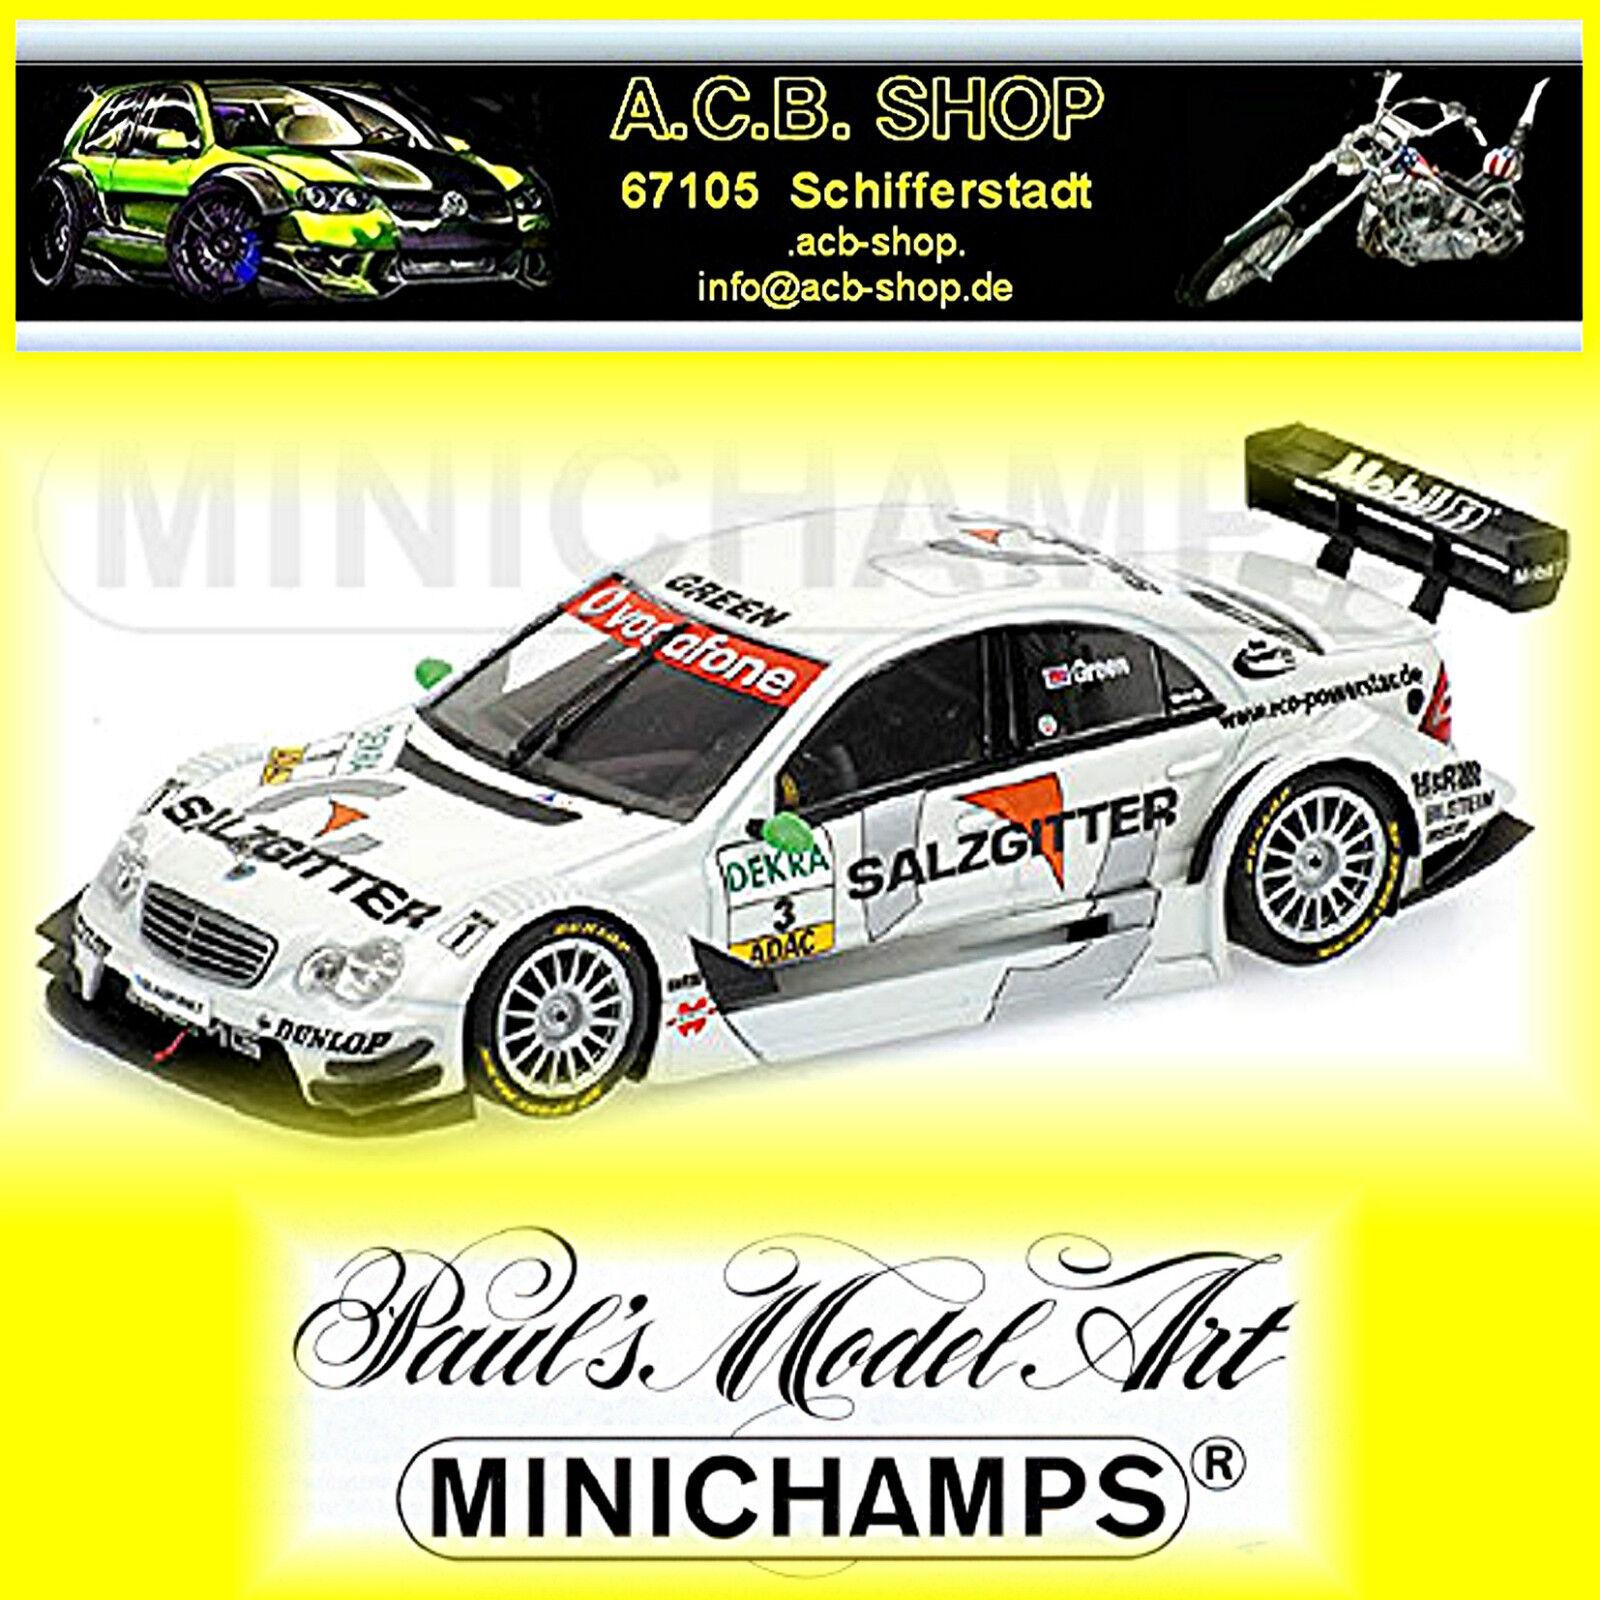 Mercedes C Class DTM 2006 2006 2006 J. vert  3 TEAM AMG Salzgitter 1 43 Minichamps a68abe